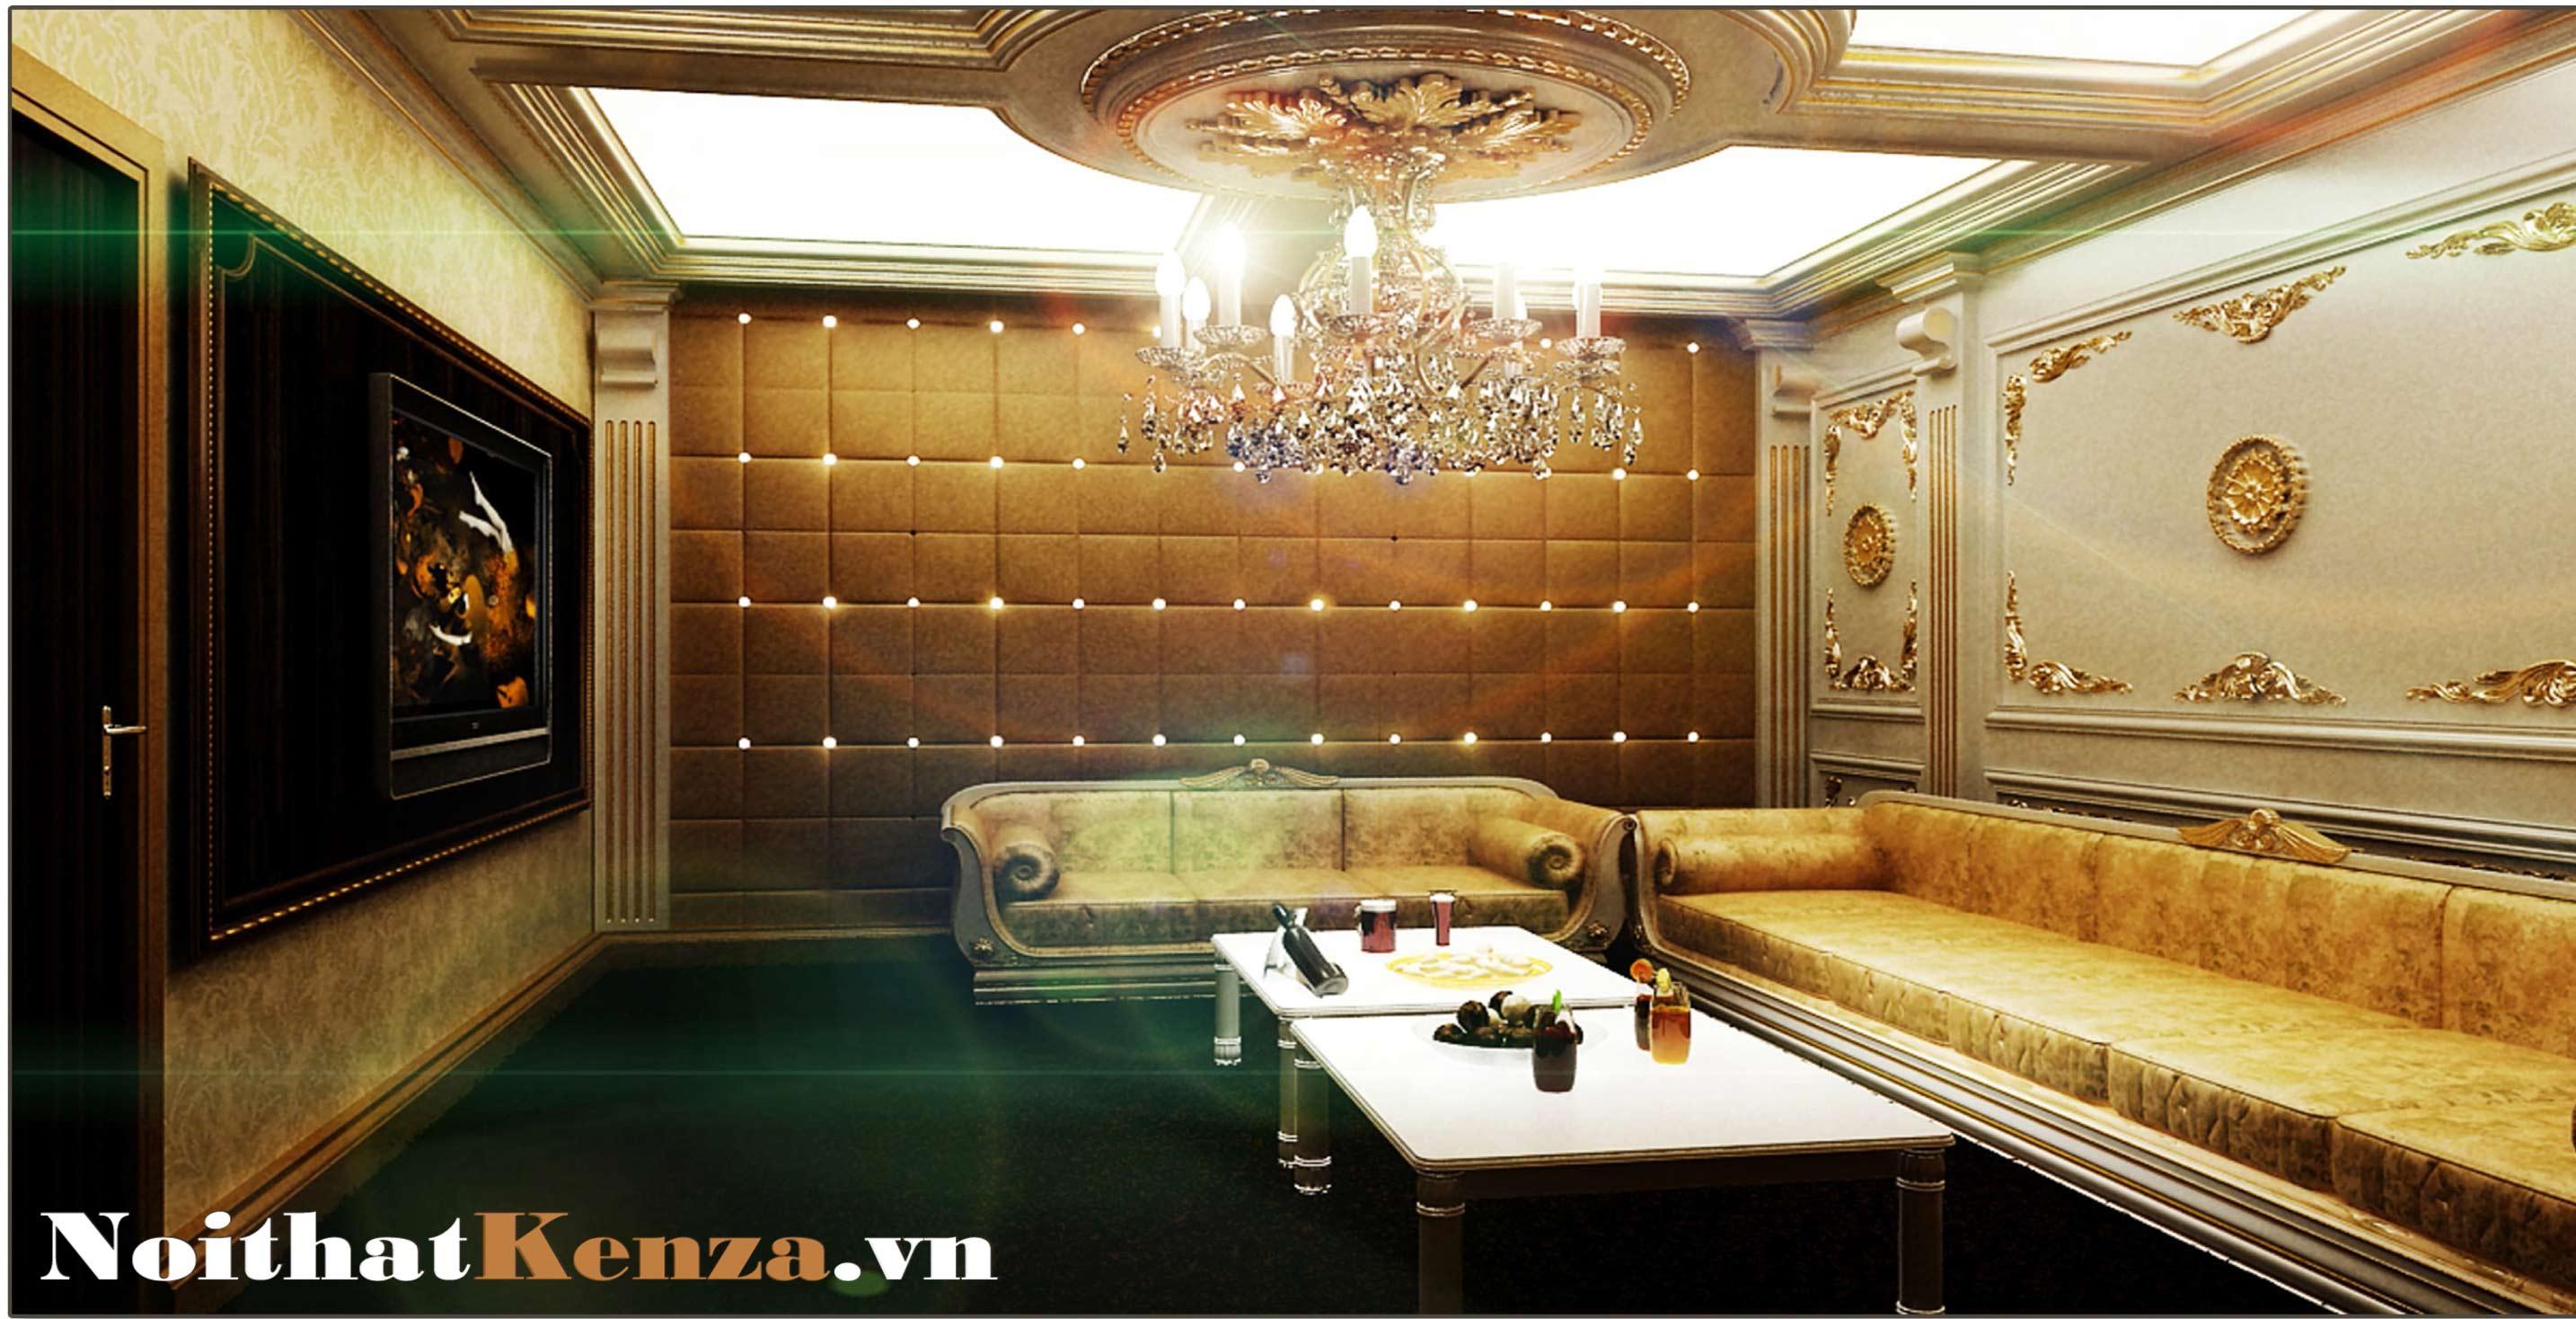 thiết kế phòng hát 22